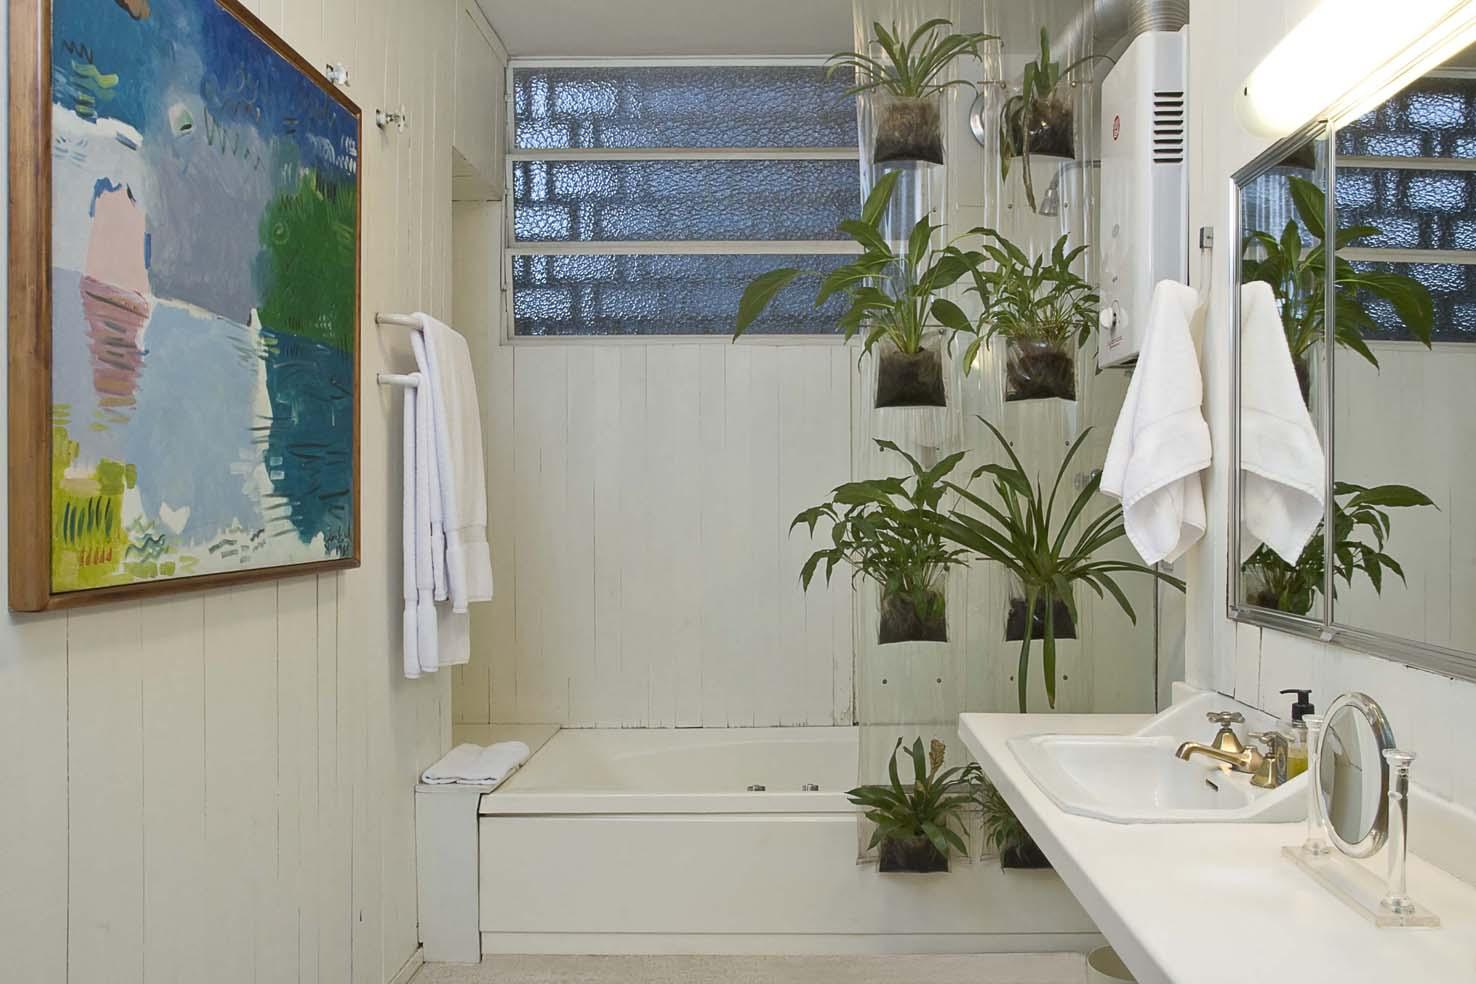 jardim vertical no banheiro: foi adaptado um jardim vertical no  #664D2F 1476x984 Banheiro Com Jardim Vertical